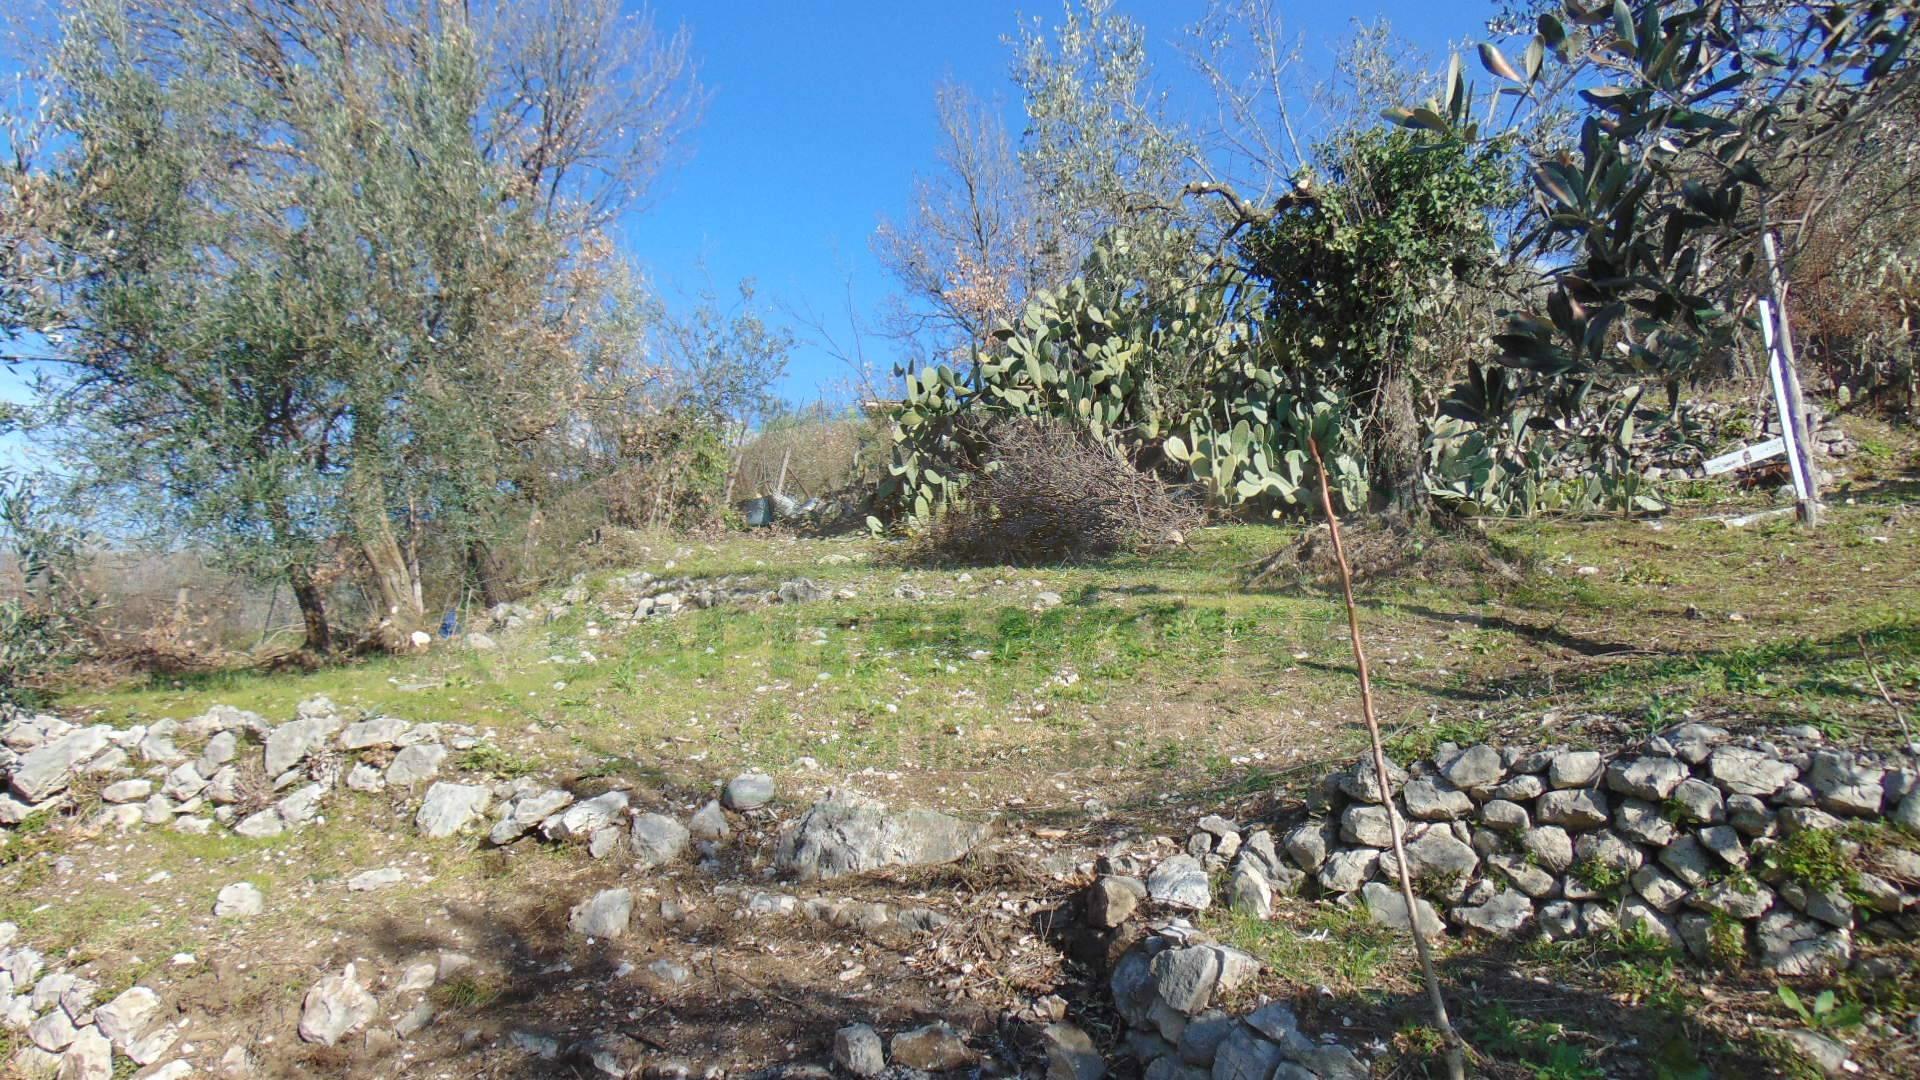 Terreno Agricolo in vendita a Mugnano del Cardinale, 9999 locali, prezzo € 60.000 | CambioCasa.it